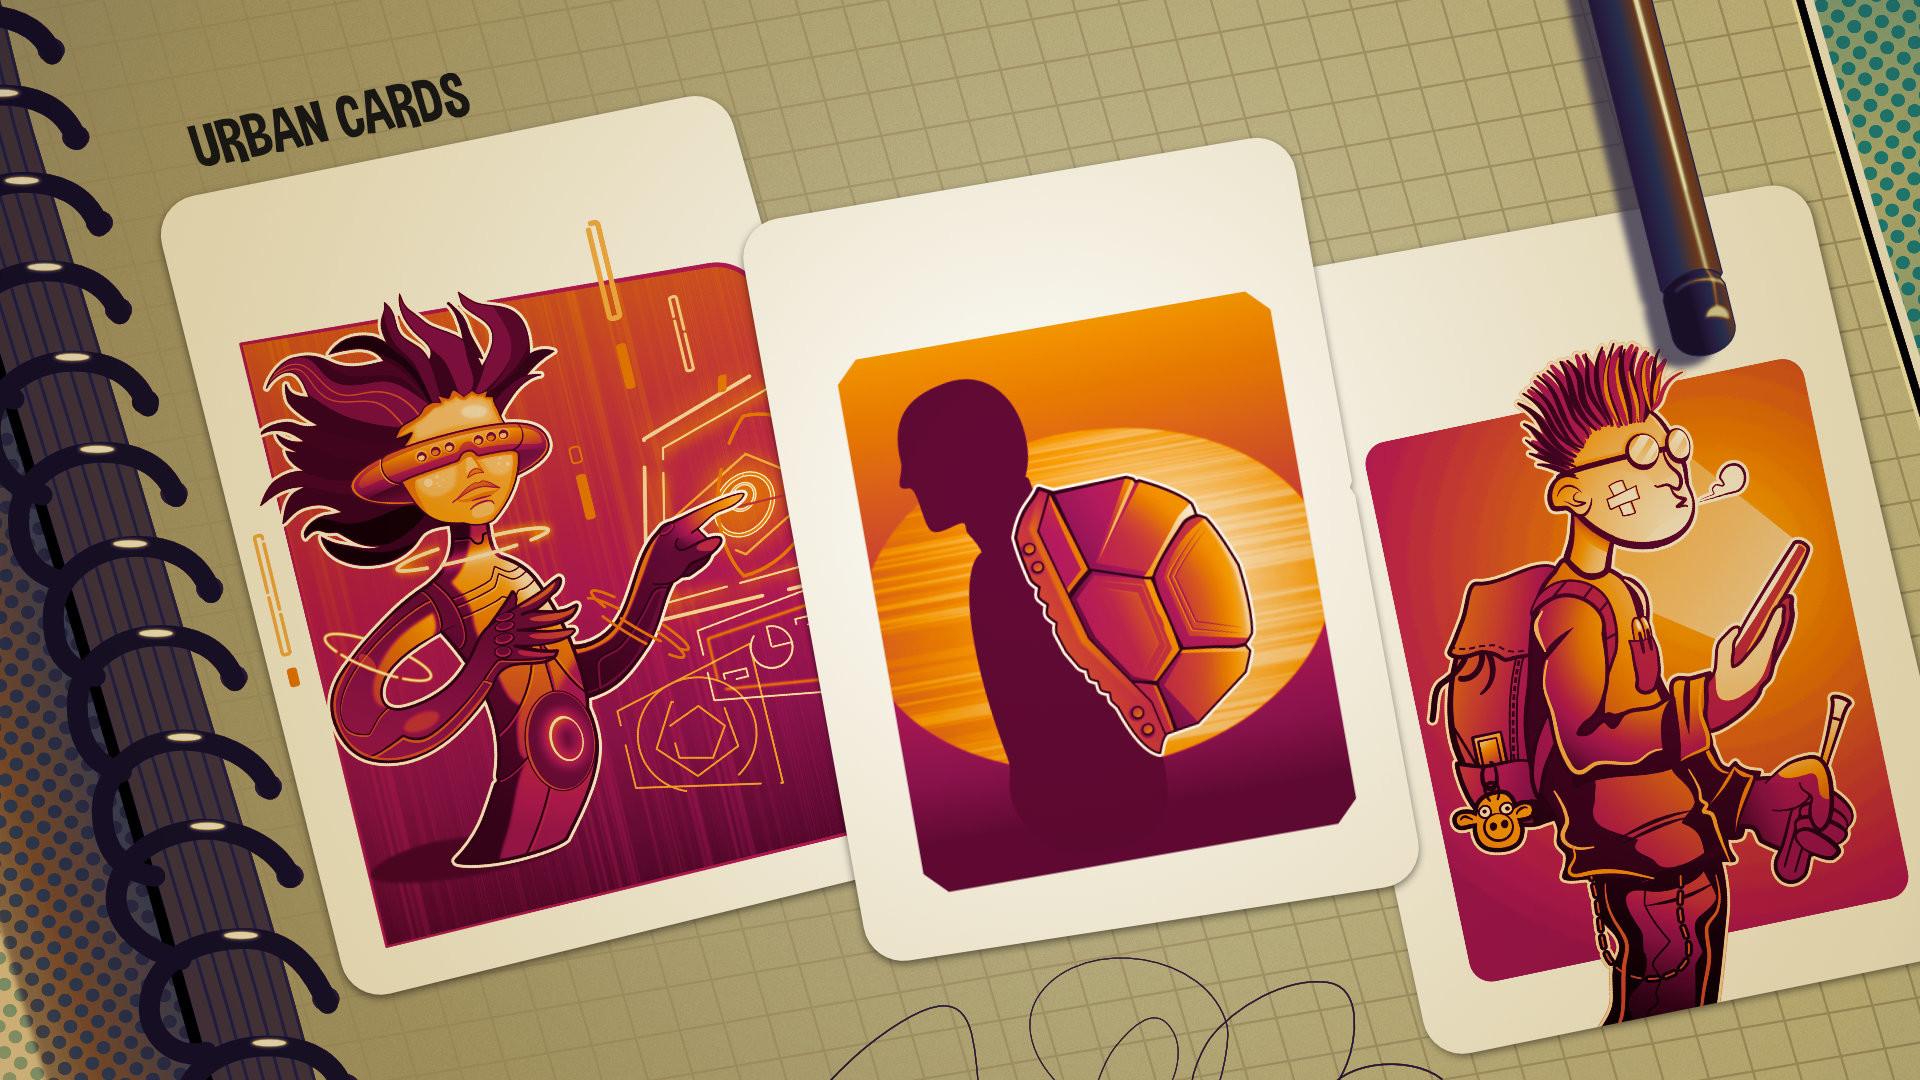 都市卡牌图片